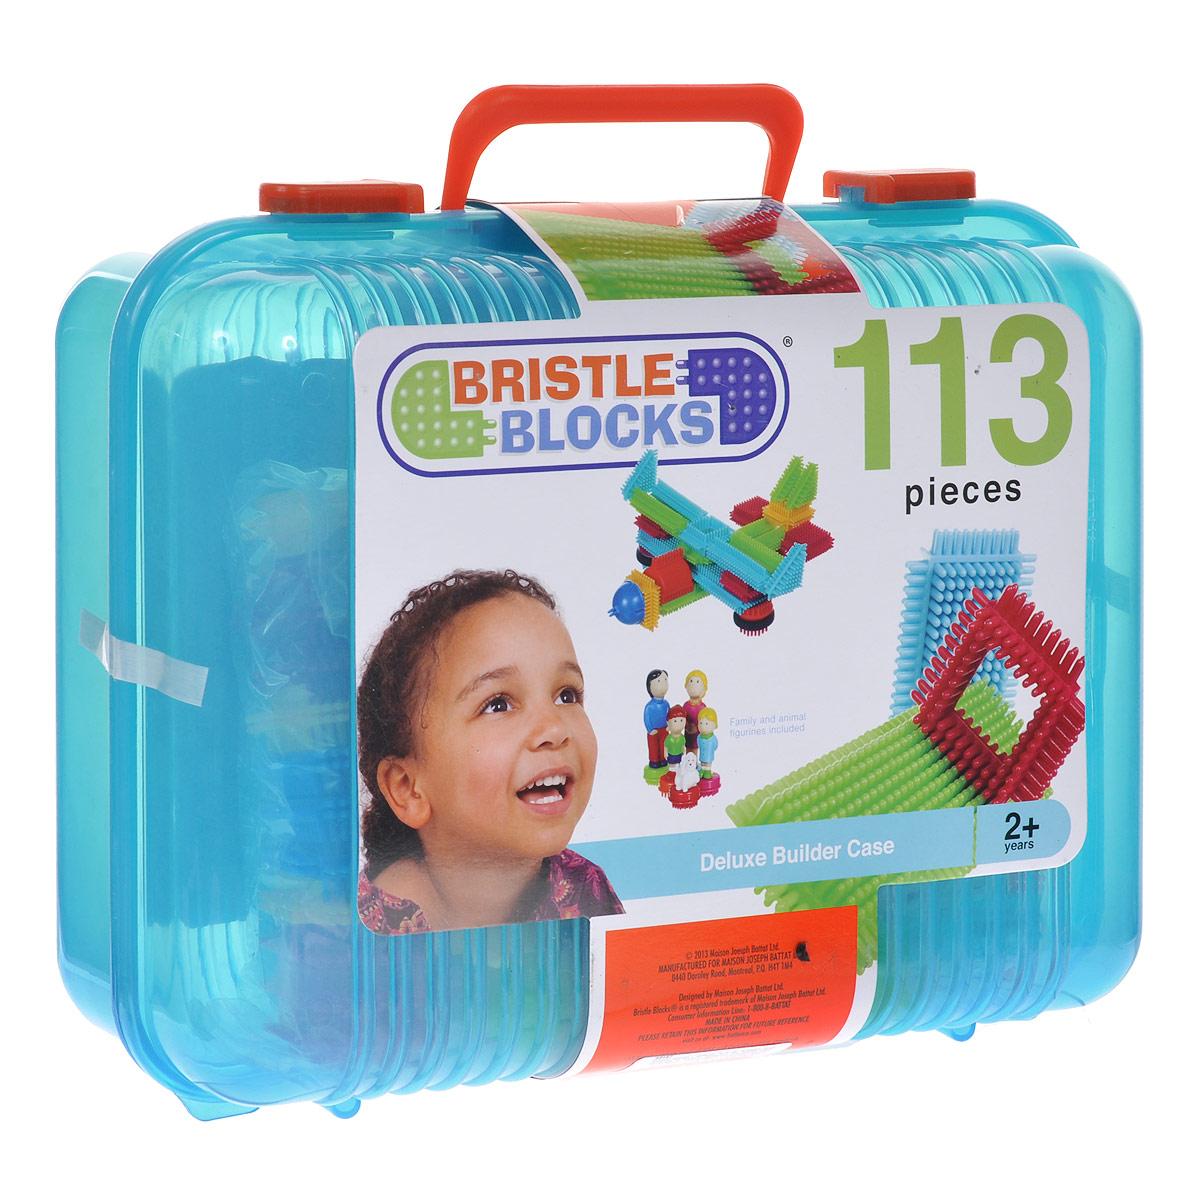 Bristle Blocks Конструктор Deluxe Builder Case68167Оригинальный игольчатый конструктор Battat Bristle Blocks - тактильный детский конструктор, который позволит вашему ребенку проявить фантазию. Игрушки Battat имеют неповторимый дизайн, максимально безопасны и надежны и, что не менее важно, обладают высоким развивающим потенциалом. Увлекательный конструктор состоящий из множества ярких щетинистых блоков разной формы, размеров и цветов. Пластиковые элементы легко и быстро скрепляются, при этом обеспечивая прочное сцепление. Ваш ребенок будет часами сидеть за творческой работой, соединяя необычные игольчатые элементы в уникальные сооружения. А дополнительные фигурки помогут развернуть настоящий игровой сюжет. Комплект включает 104 игольчатых блока и 9 фигурок для сборки конструктора. Конструктор упакован в закрывающийся пластиковый чемоданчик с ручкой, удобный для хранения и переноски. Игольчатый конструктор Battat Bristle Blocks поможет ребенку развить мелкую моторику рук, логическое и пространственное мышление, творческие...